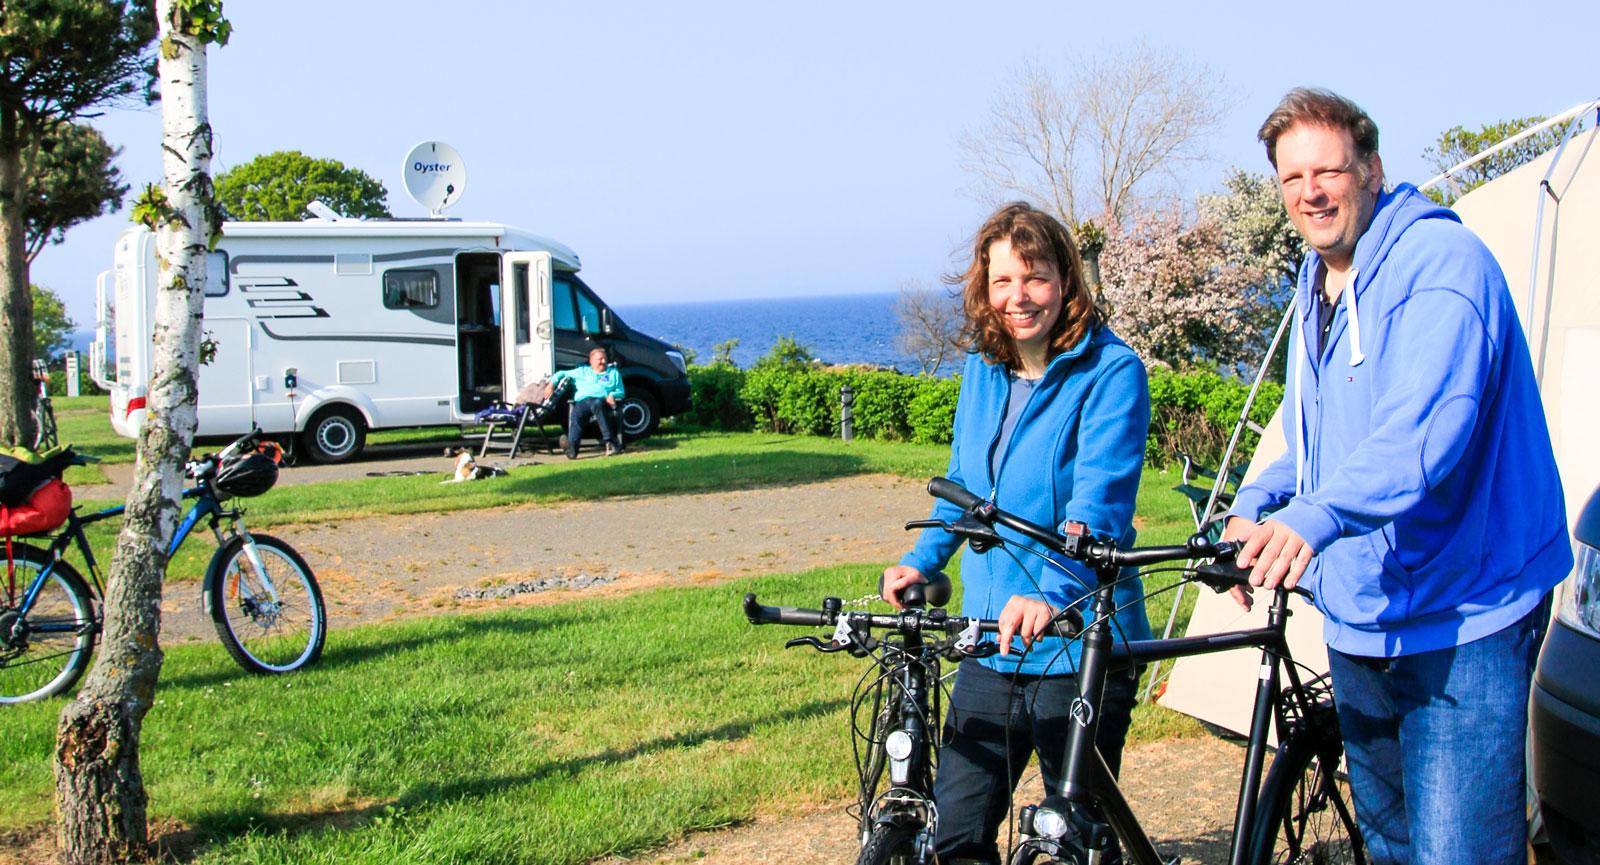 Karin Langenkamp och Ulf Jöhnke från Hamburg satsar på cykelturer under sin campingsemester på ön.